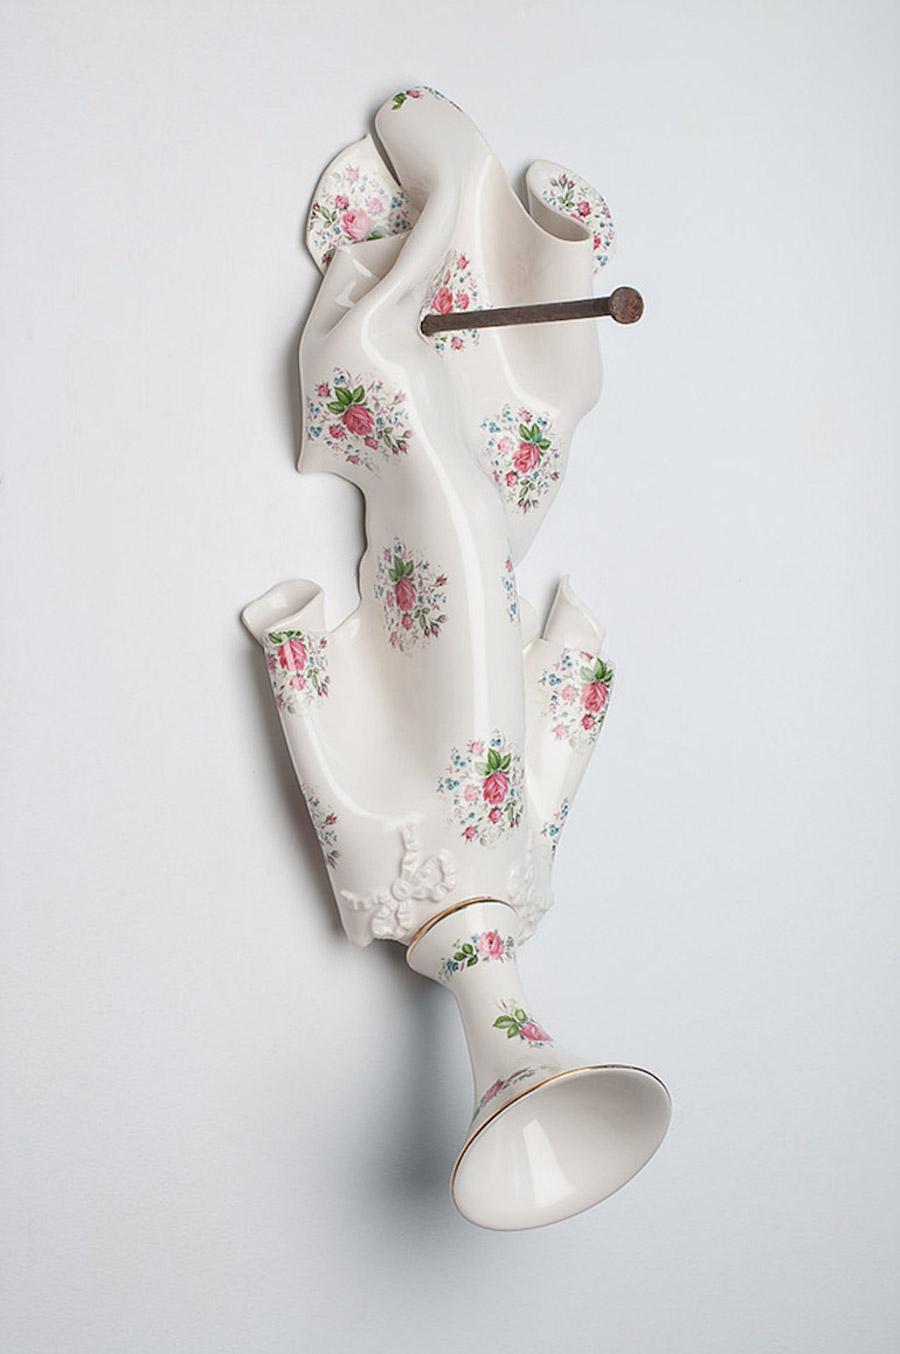 scultura-vasi-porcellana-incidenti-bizzarri-laurent-craste-12